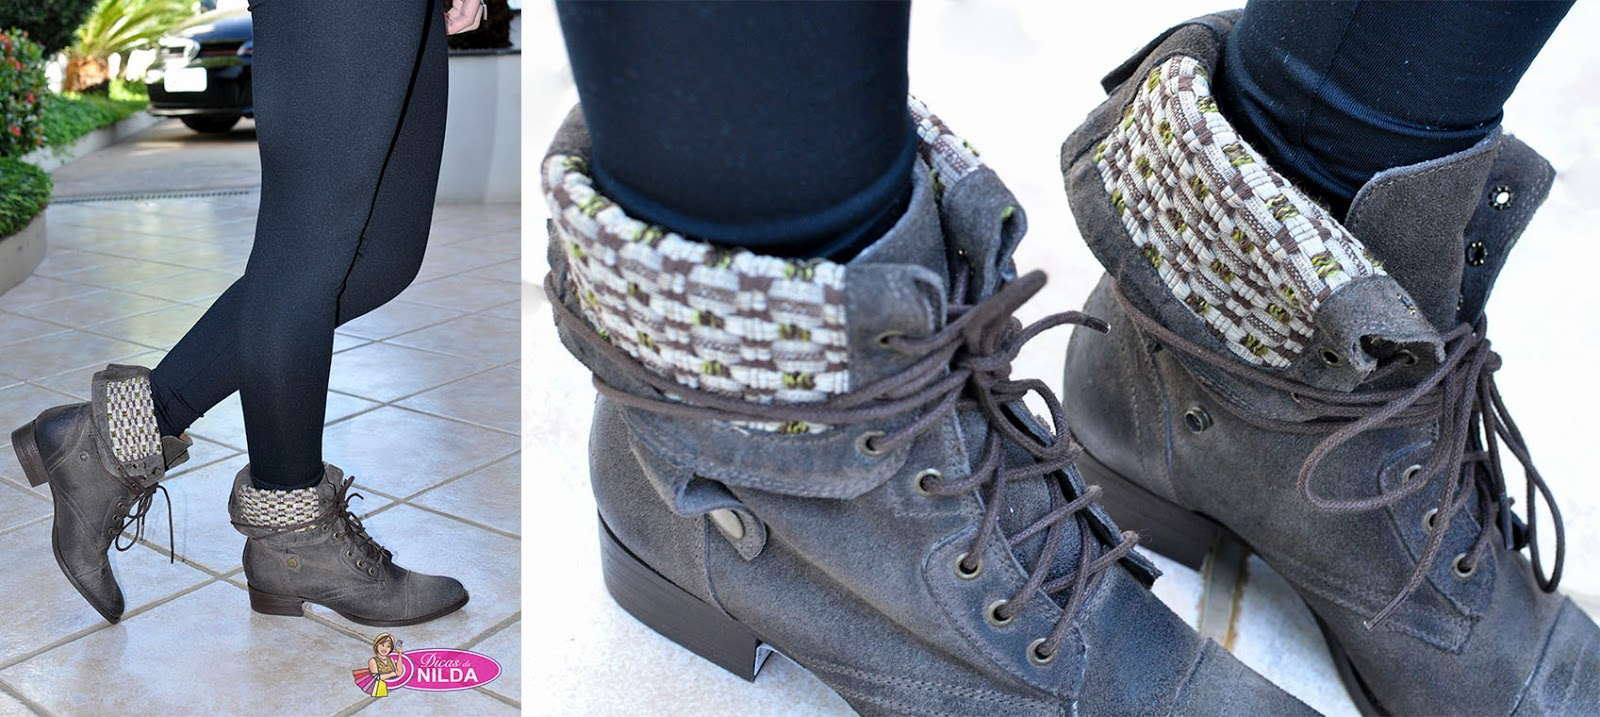 d71d00f2843 Esse modelo de bota - cano curto está bem aceito pelas meninas